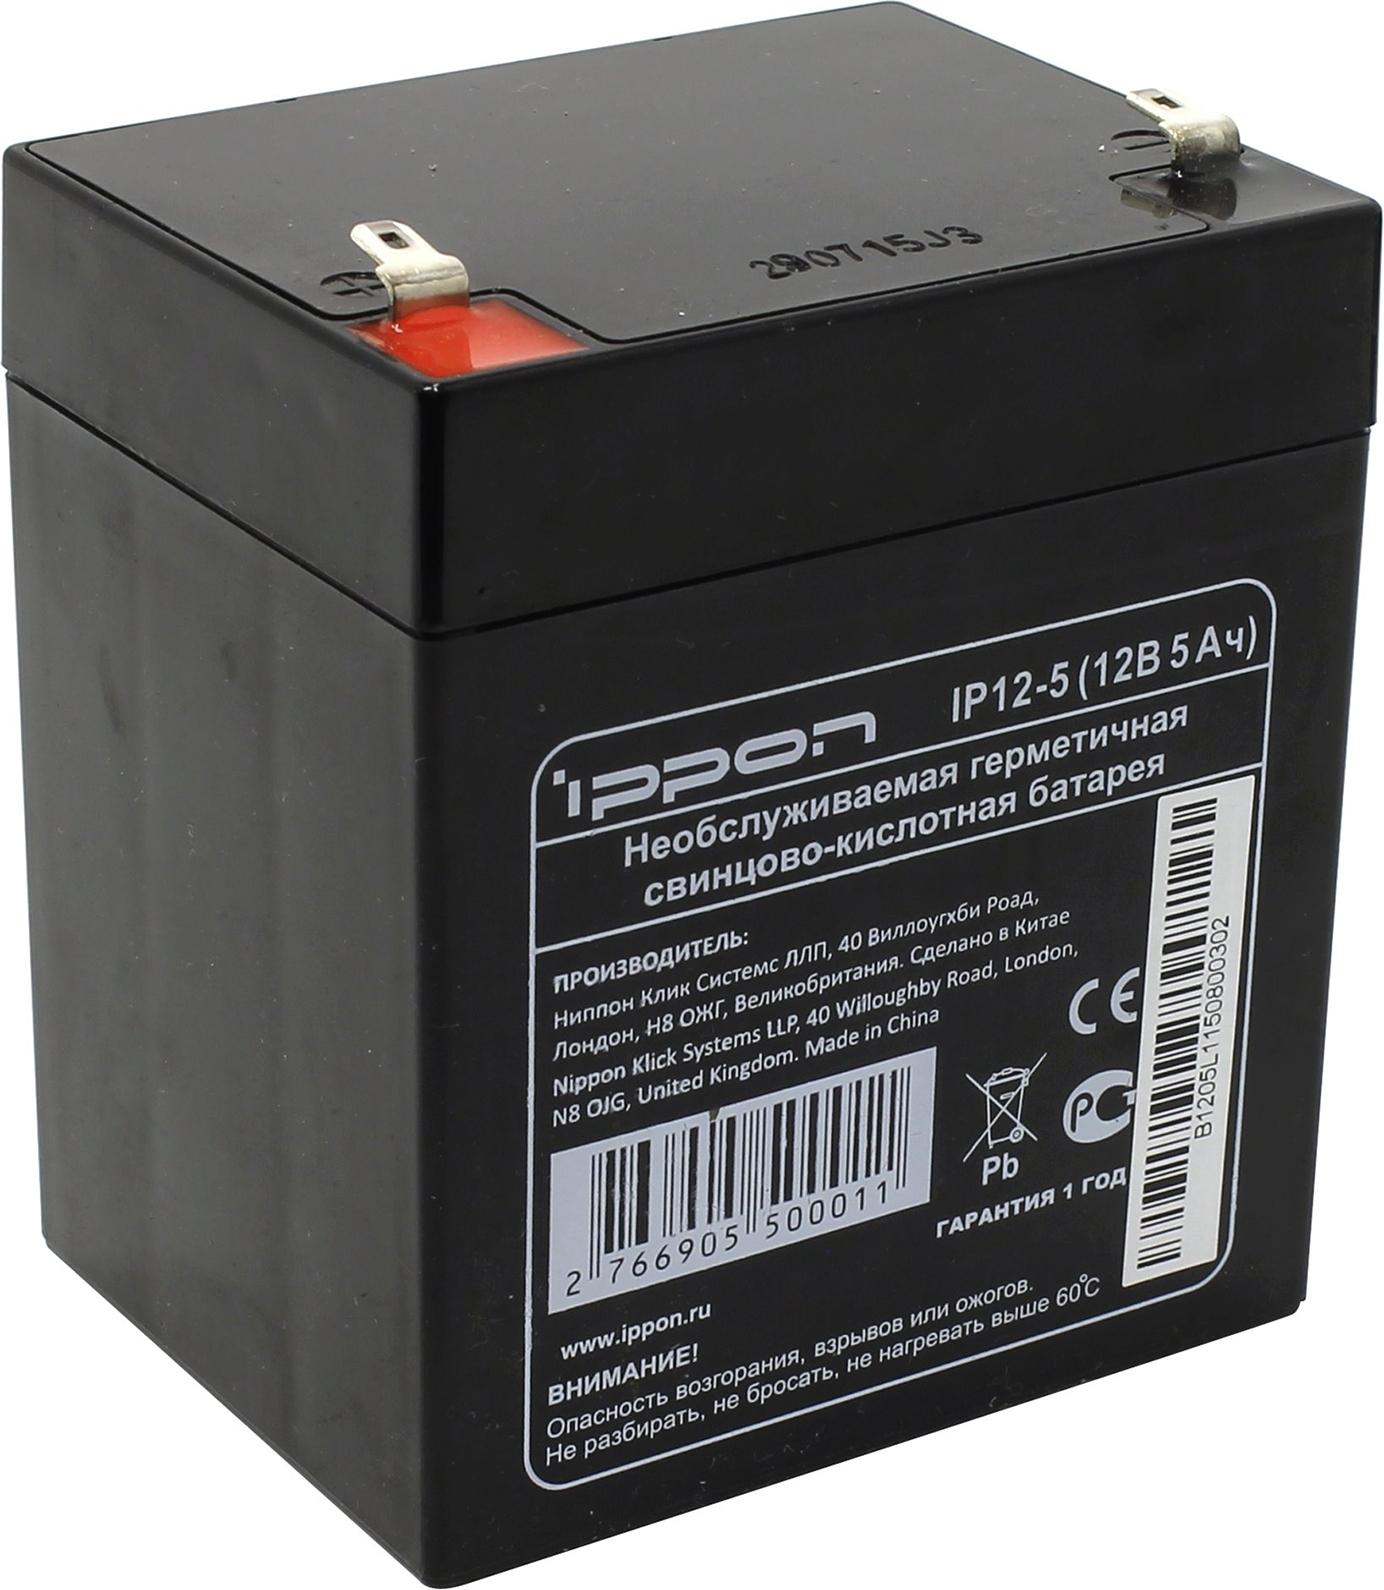 Батарея для ИБП Ippon IP12-5 - Источники бесперебойного питания (UPS)